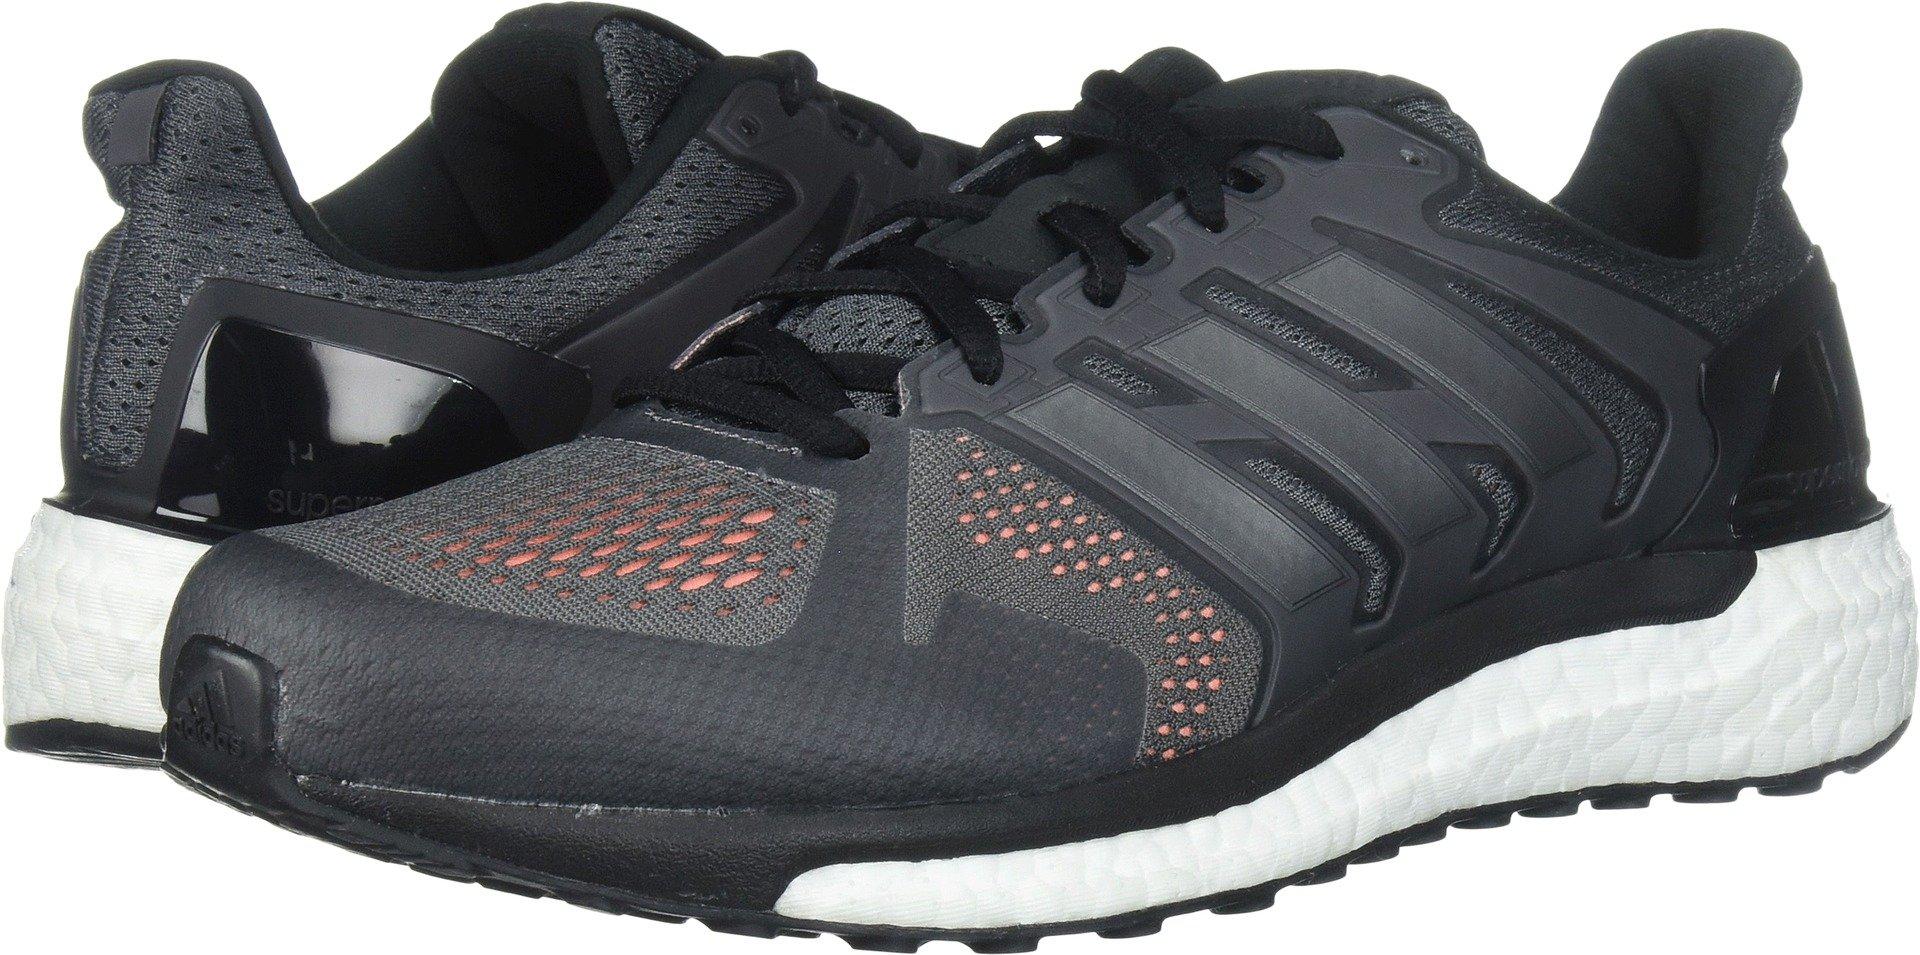 new concept 8edf6 584e1 Galleon - Adidas Men s Supernova St M Running Shoe, Grey Four Black Solar  Orange, 7 Medium US